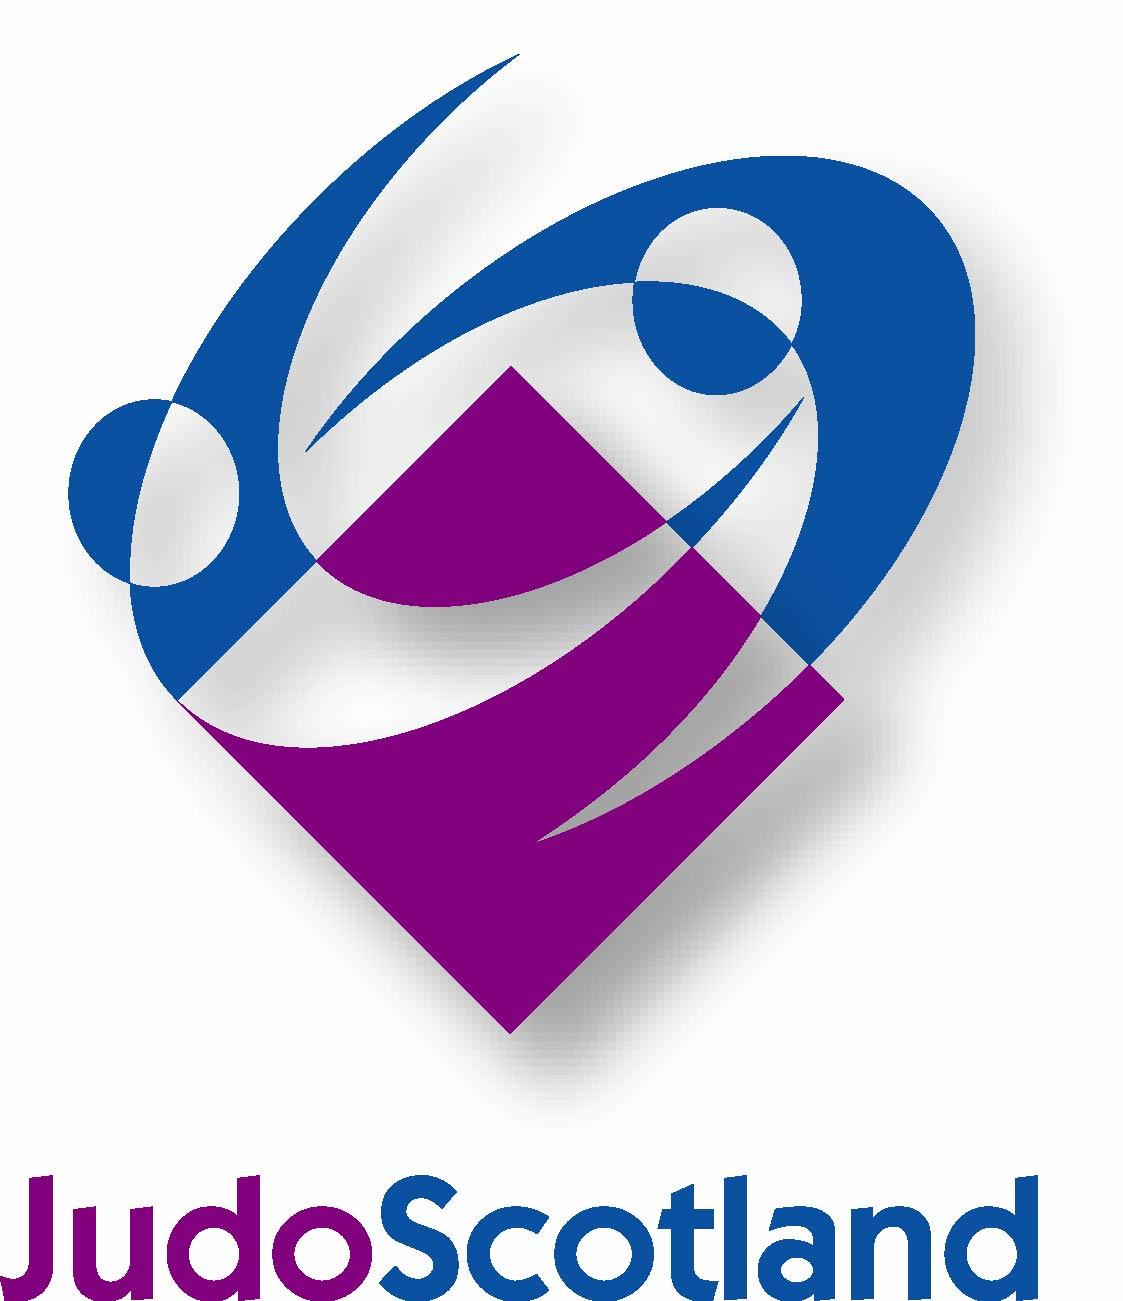 Judo Scotland Logo